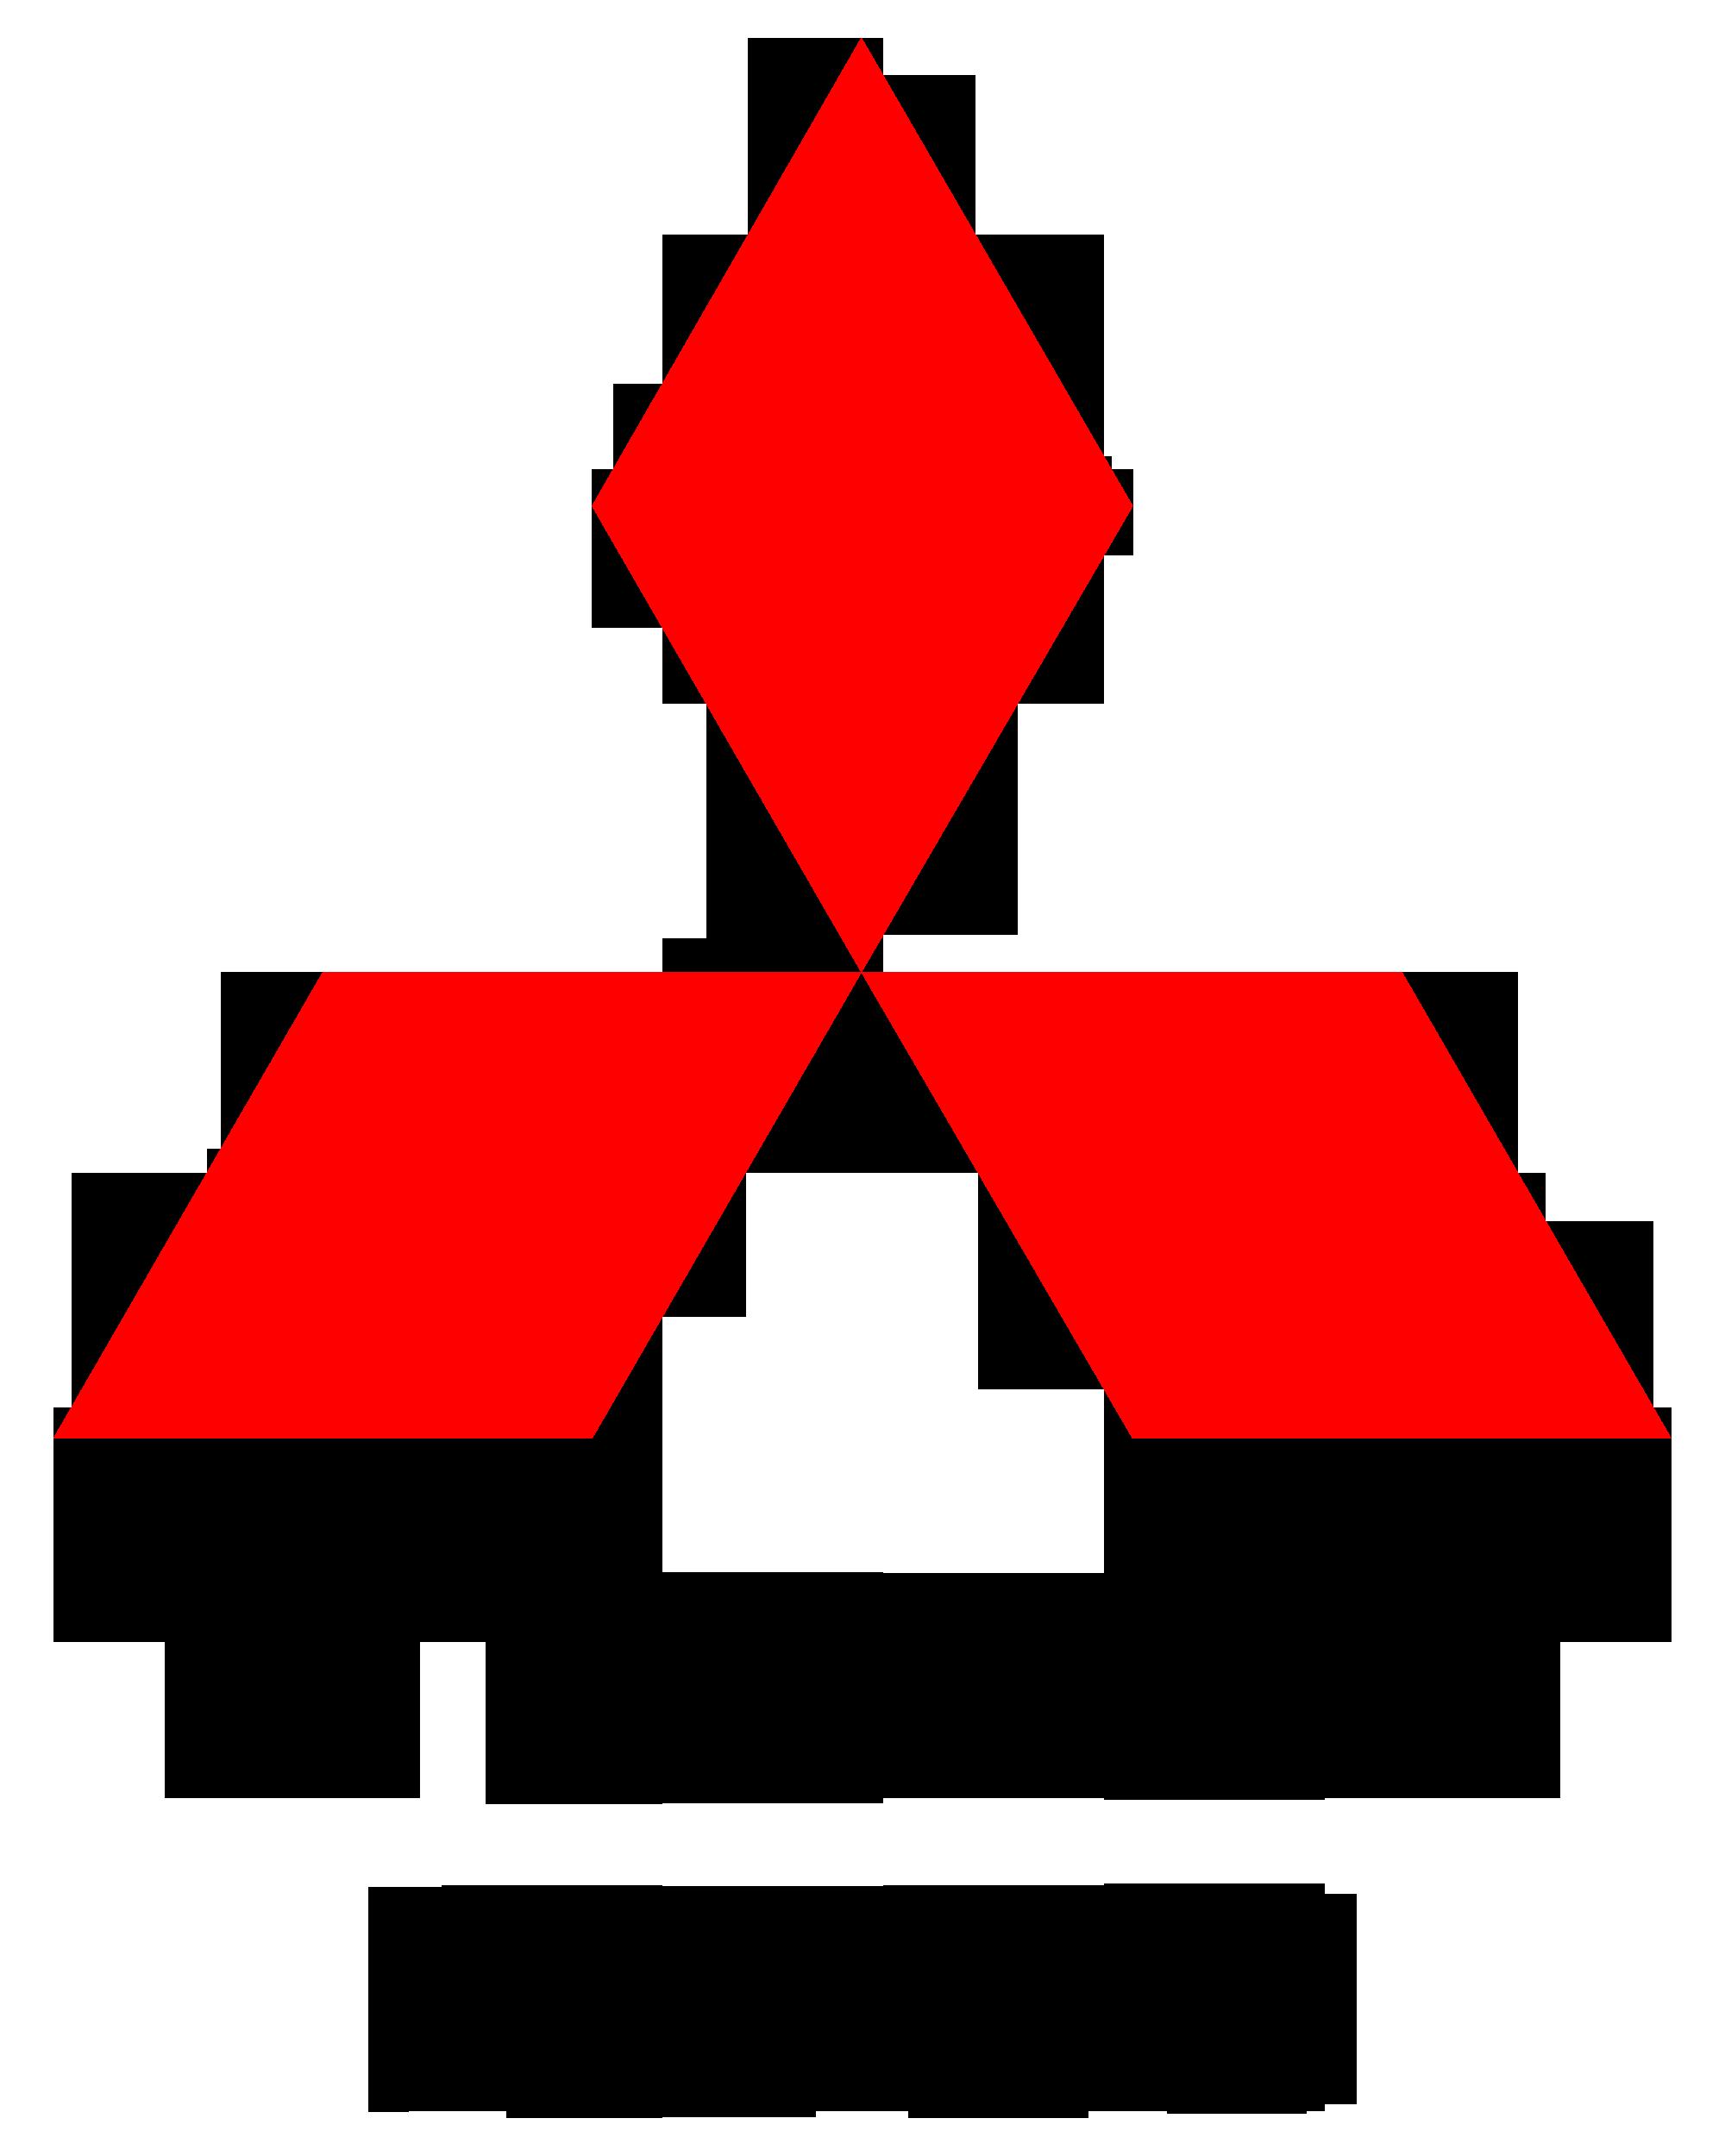 mitsubishi logo ile ilgili görsel sonucu